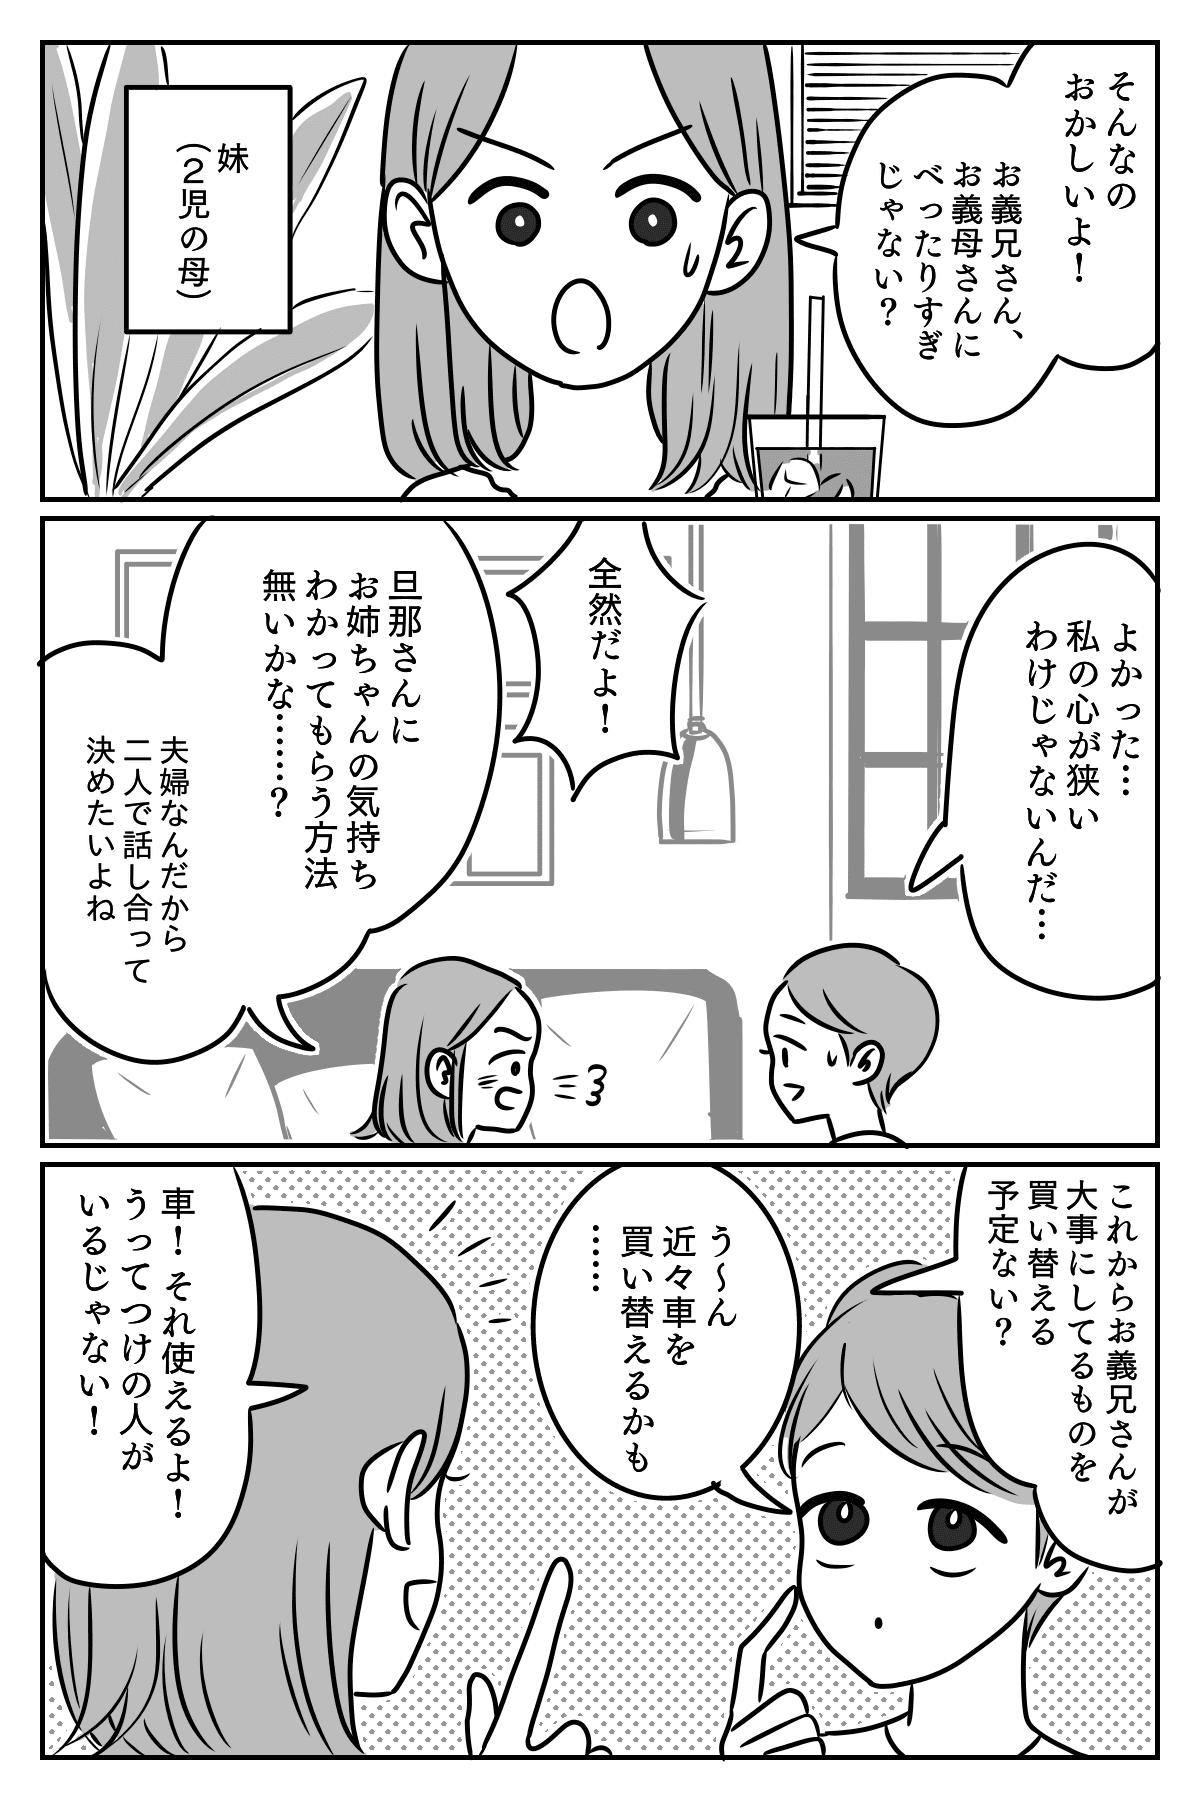 カーテン後編01